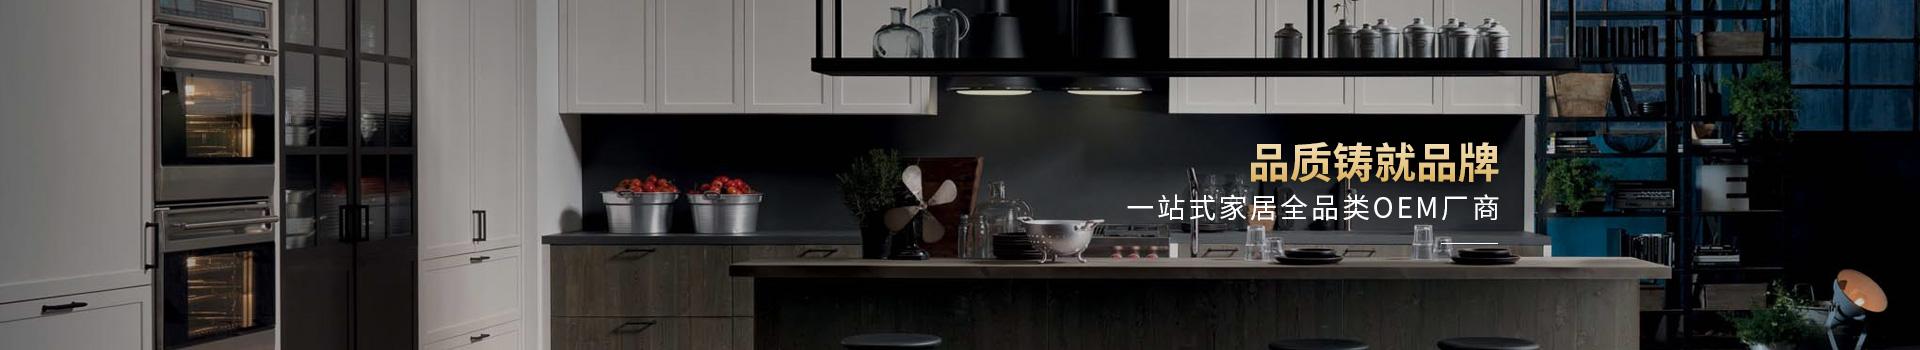 圣仕隆,品质铸就品牌,一站式家居全品类OEM厂商